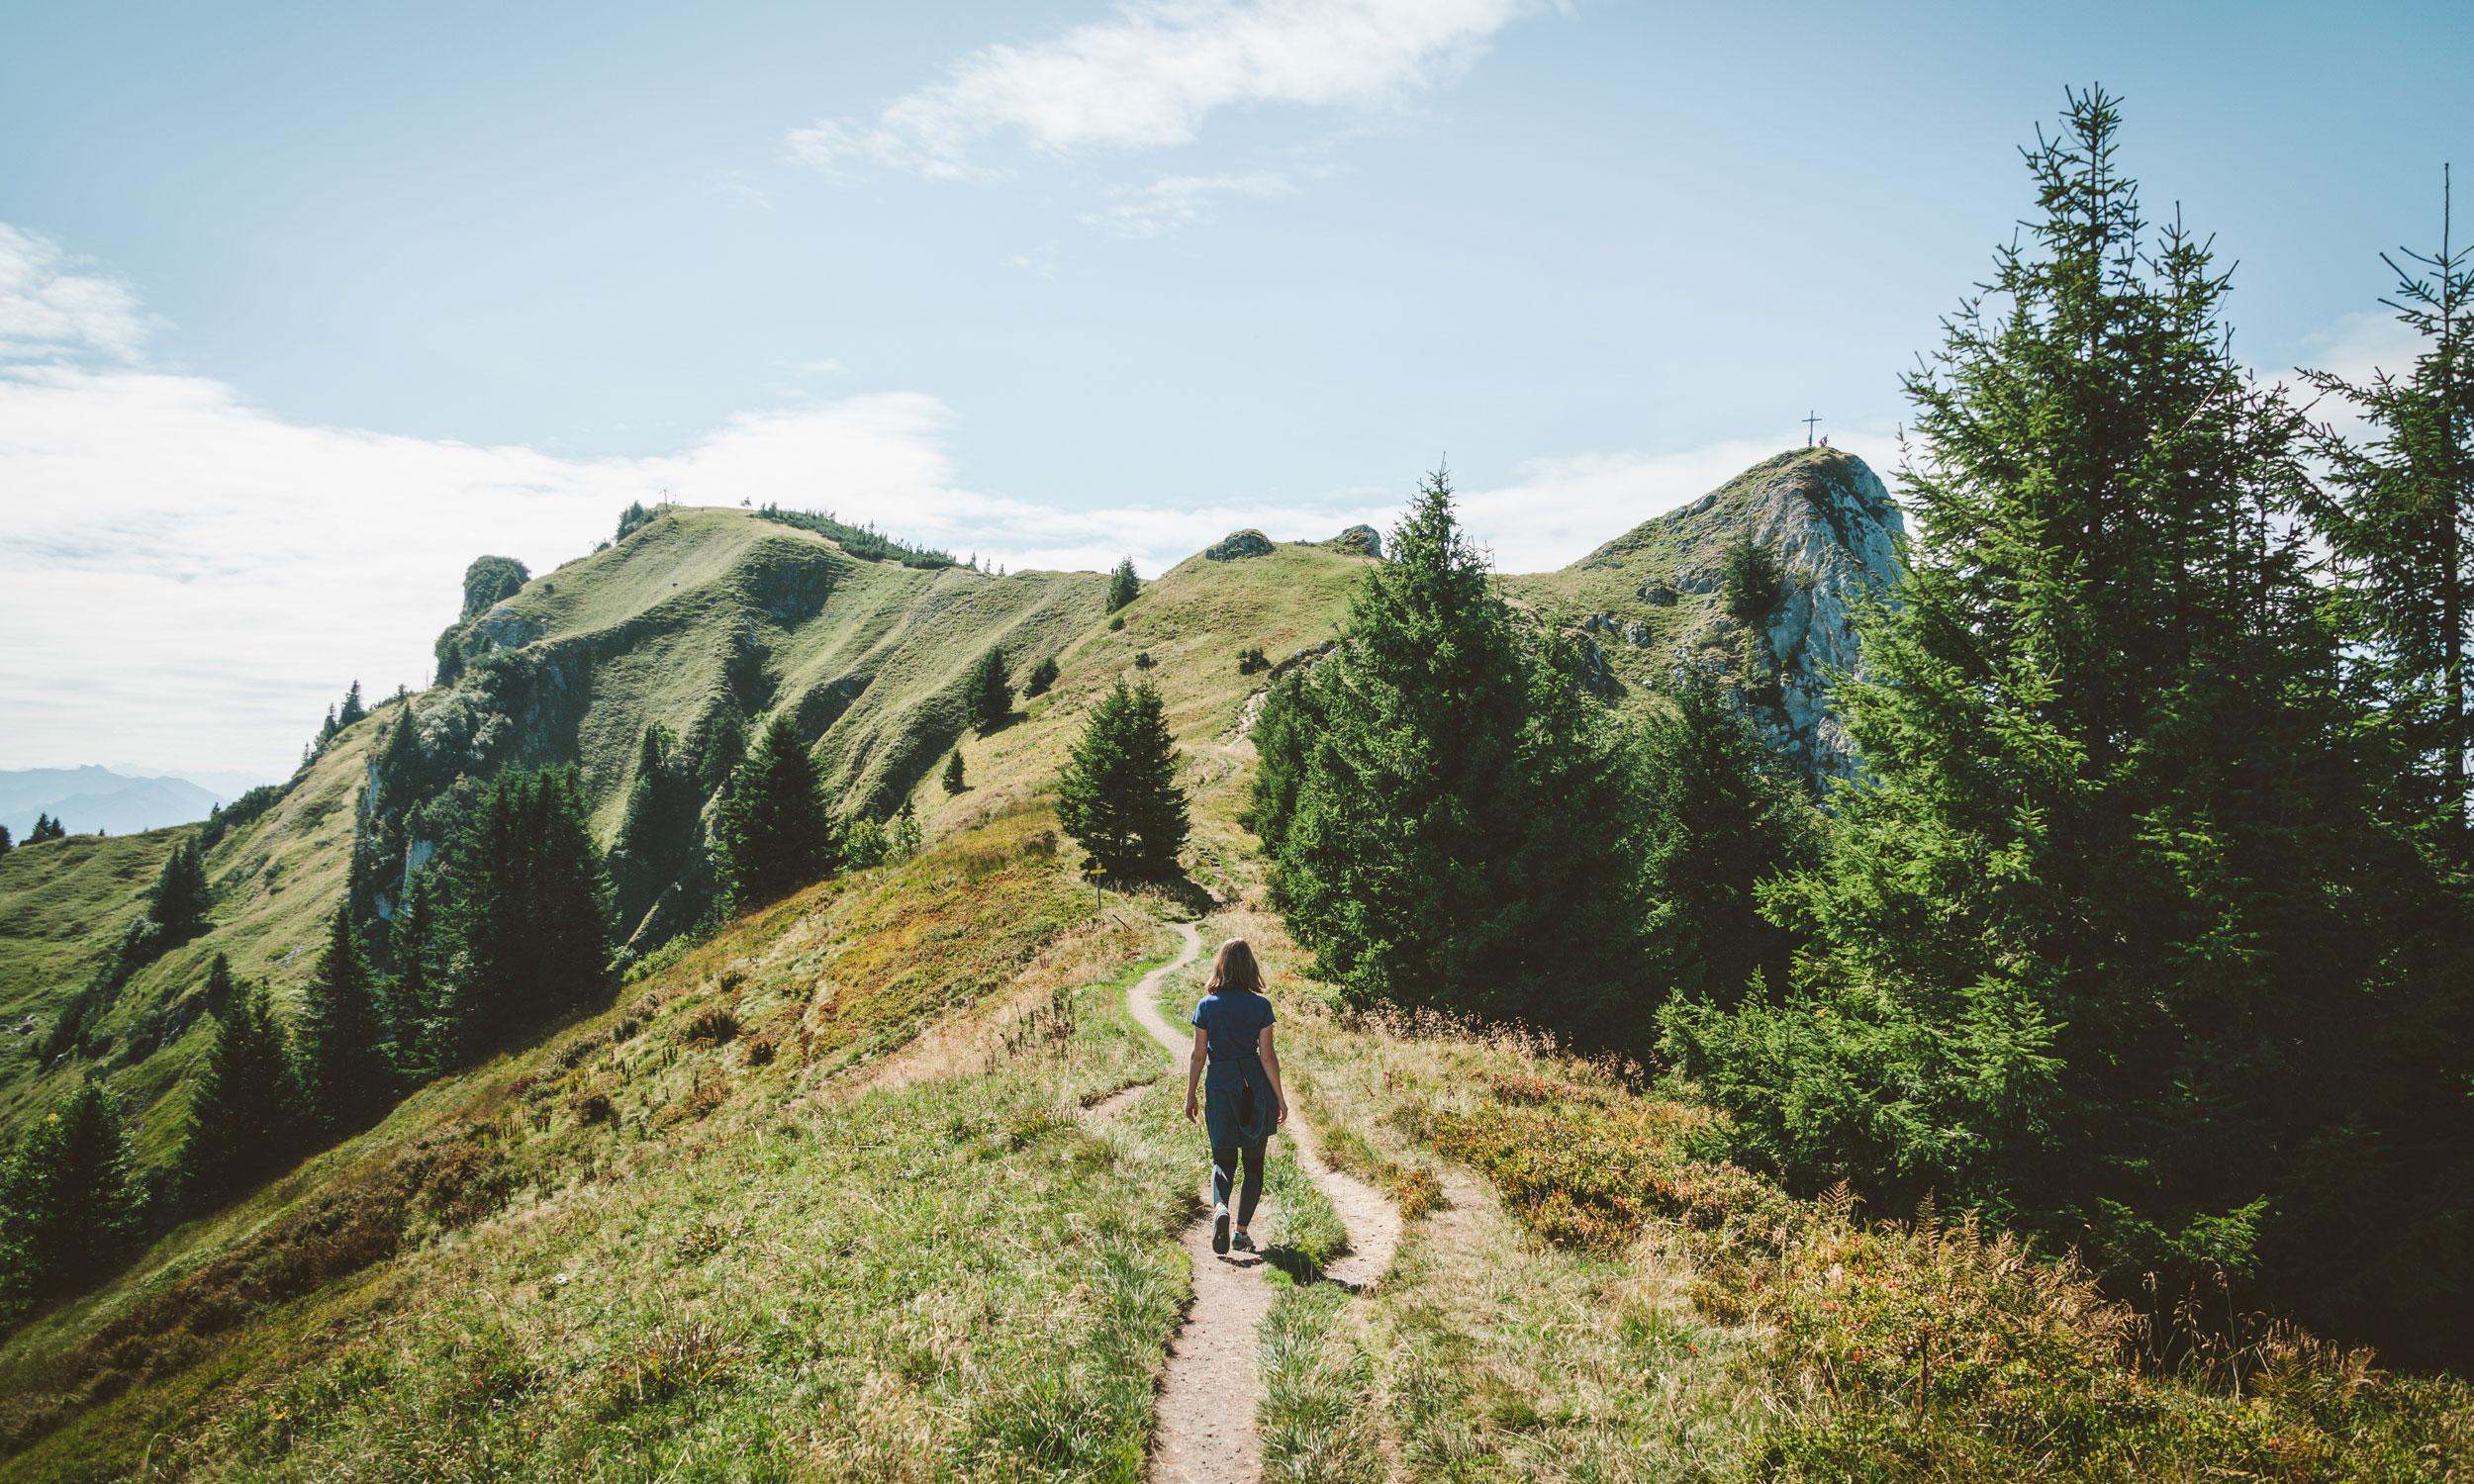 Eine Wanderin auf dem Weg zum Gipfel